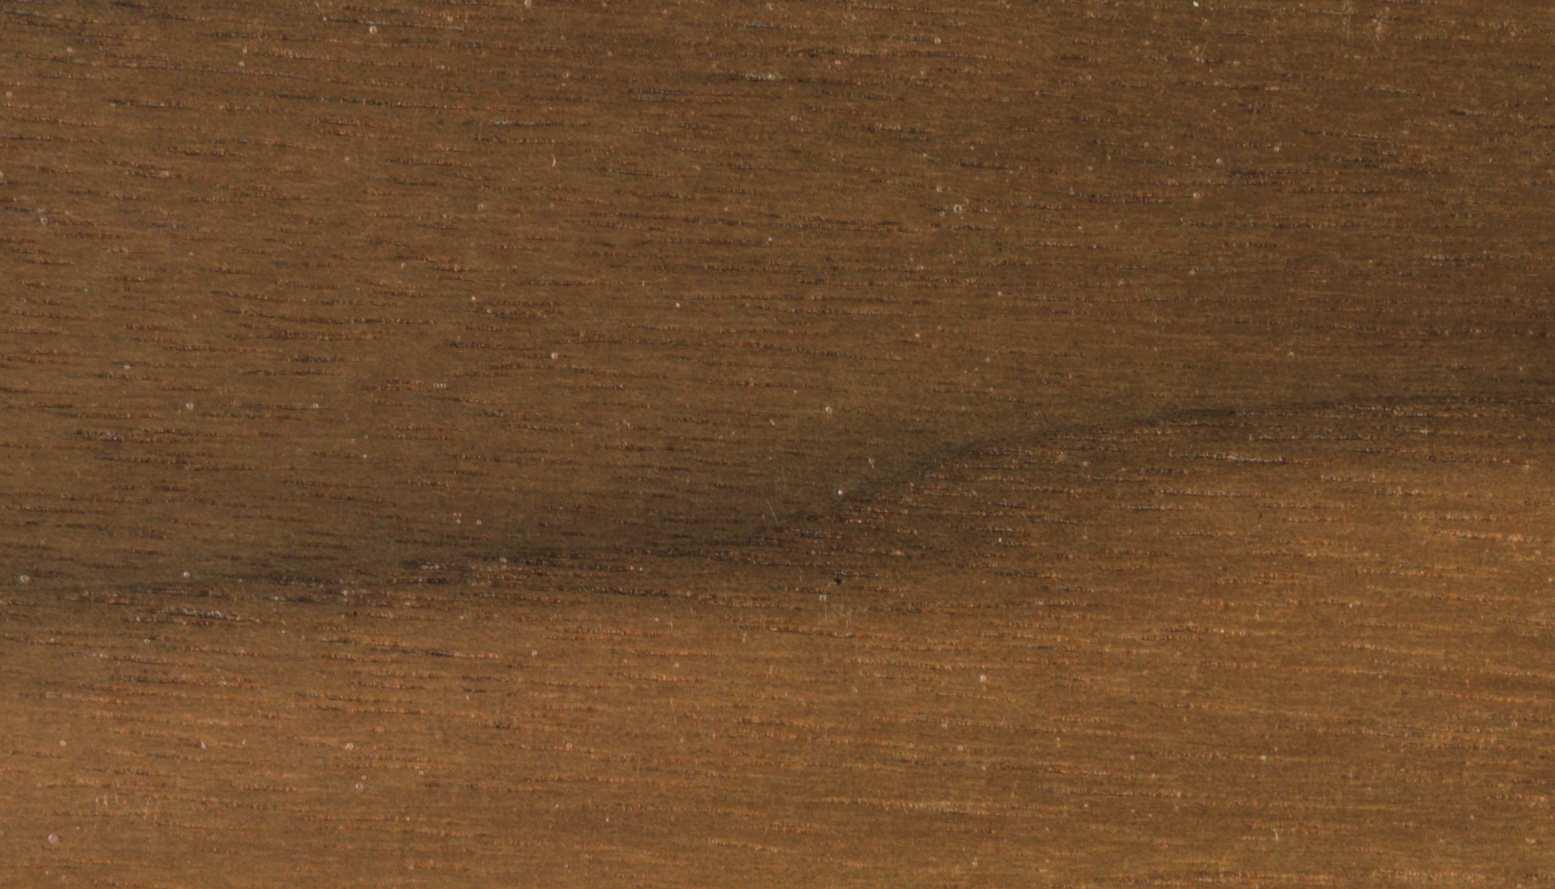 culoarea lemnului - nuc, pentru picioare si polite laptop